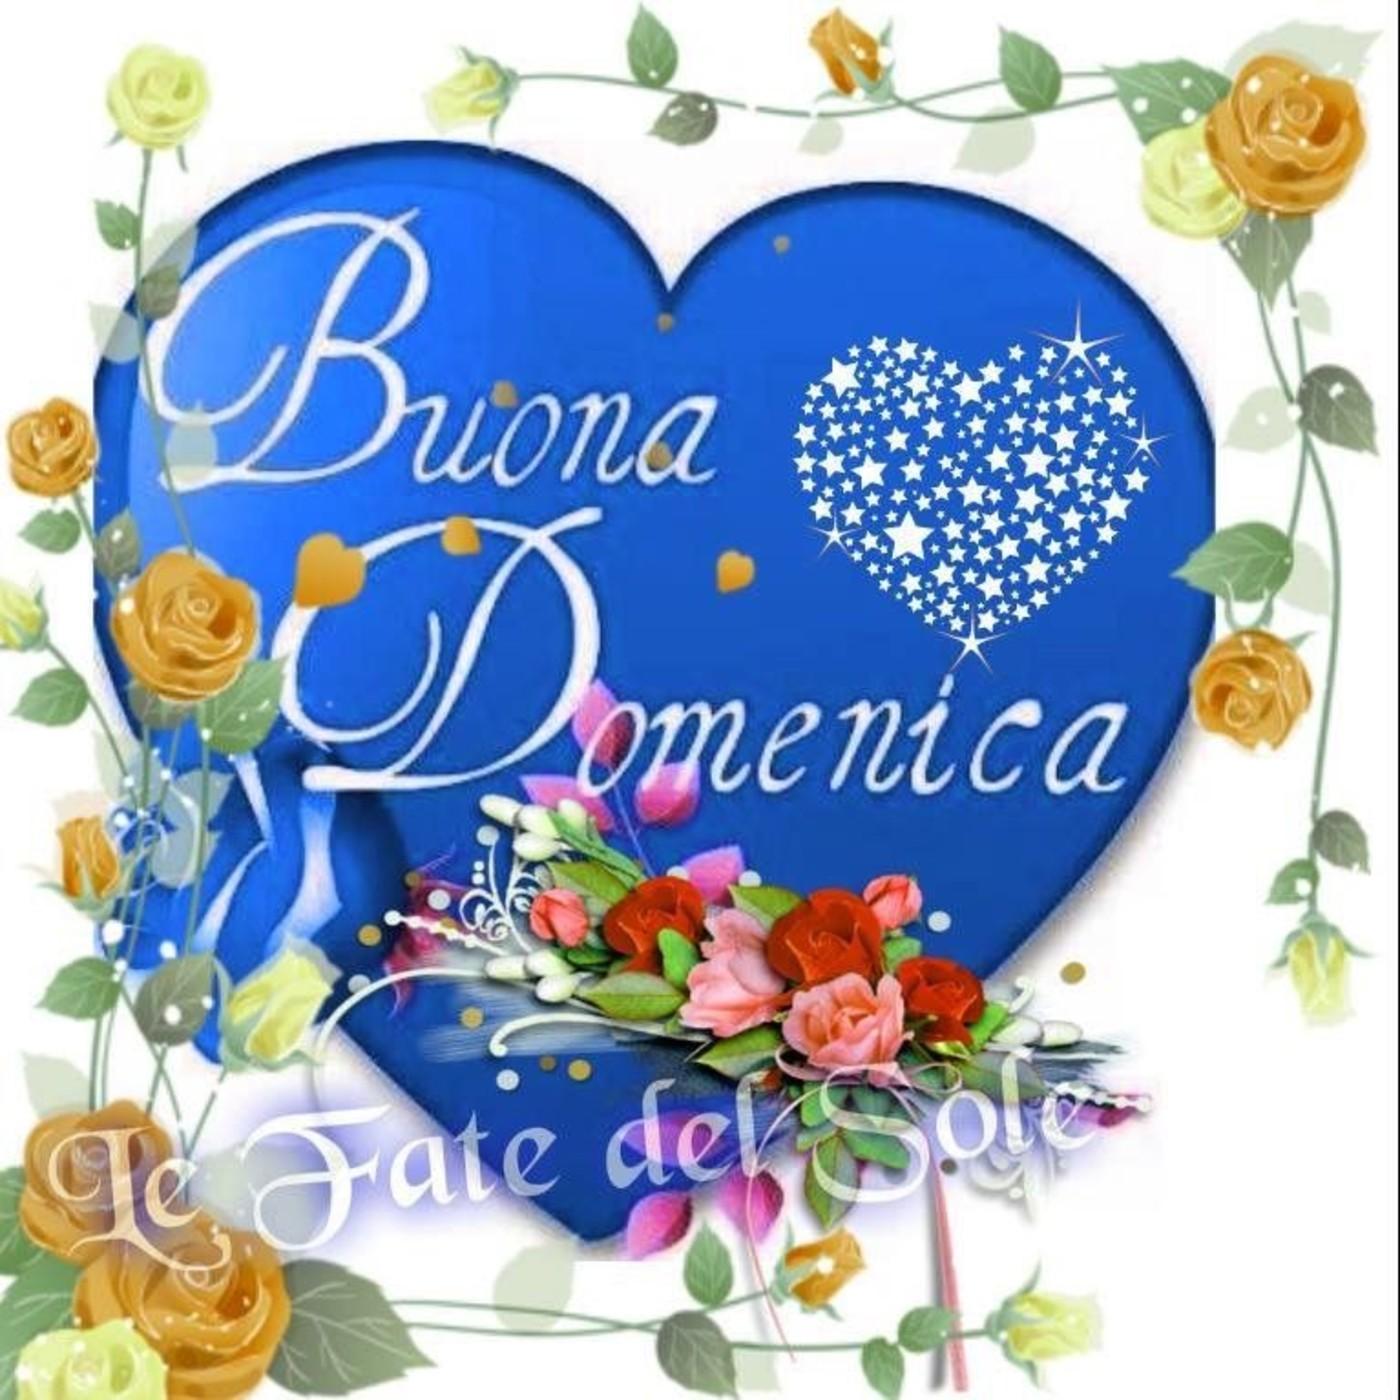 Buongiorno E Buona Domenica A Tutti 4 Buongiornoateit